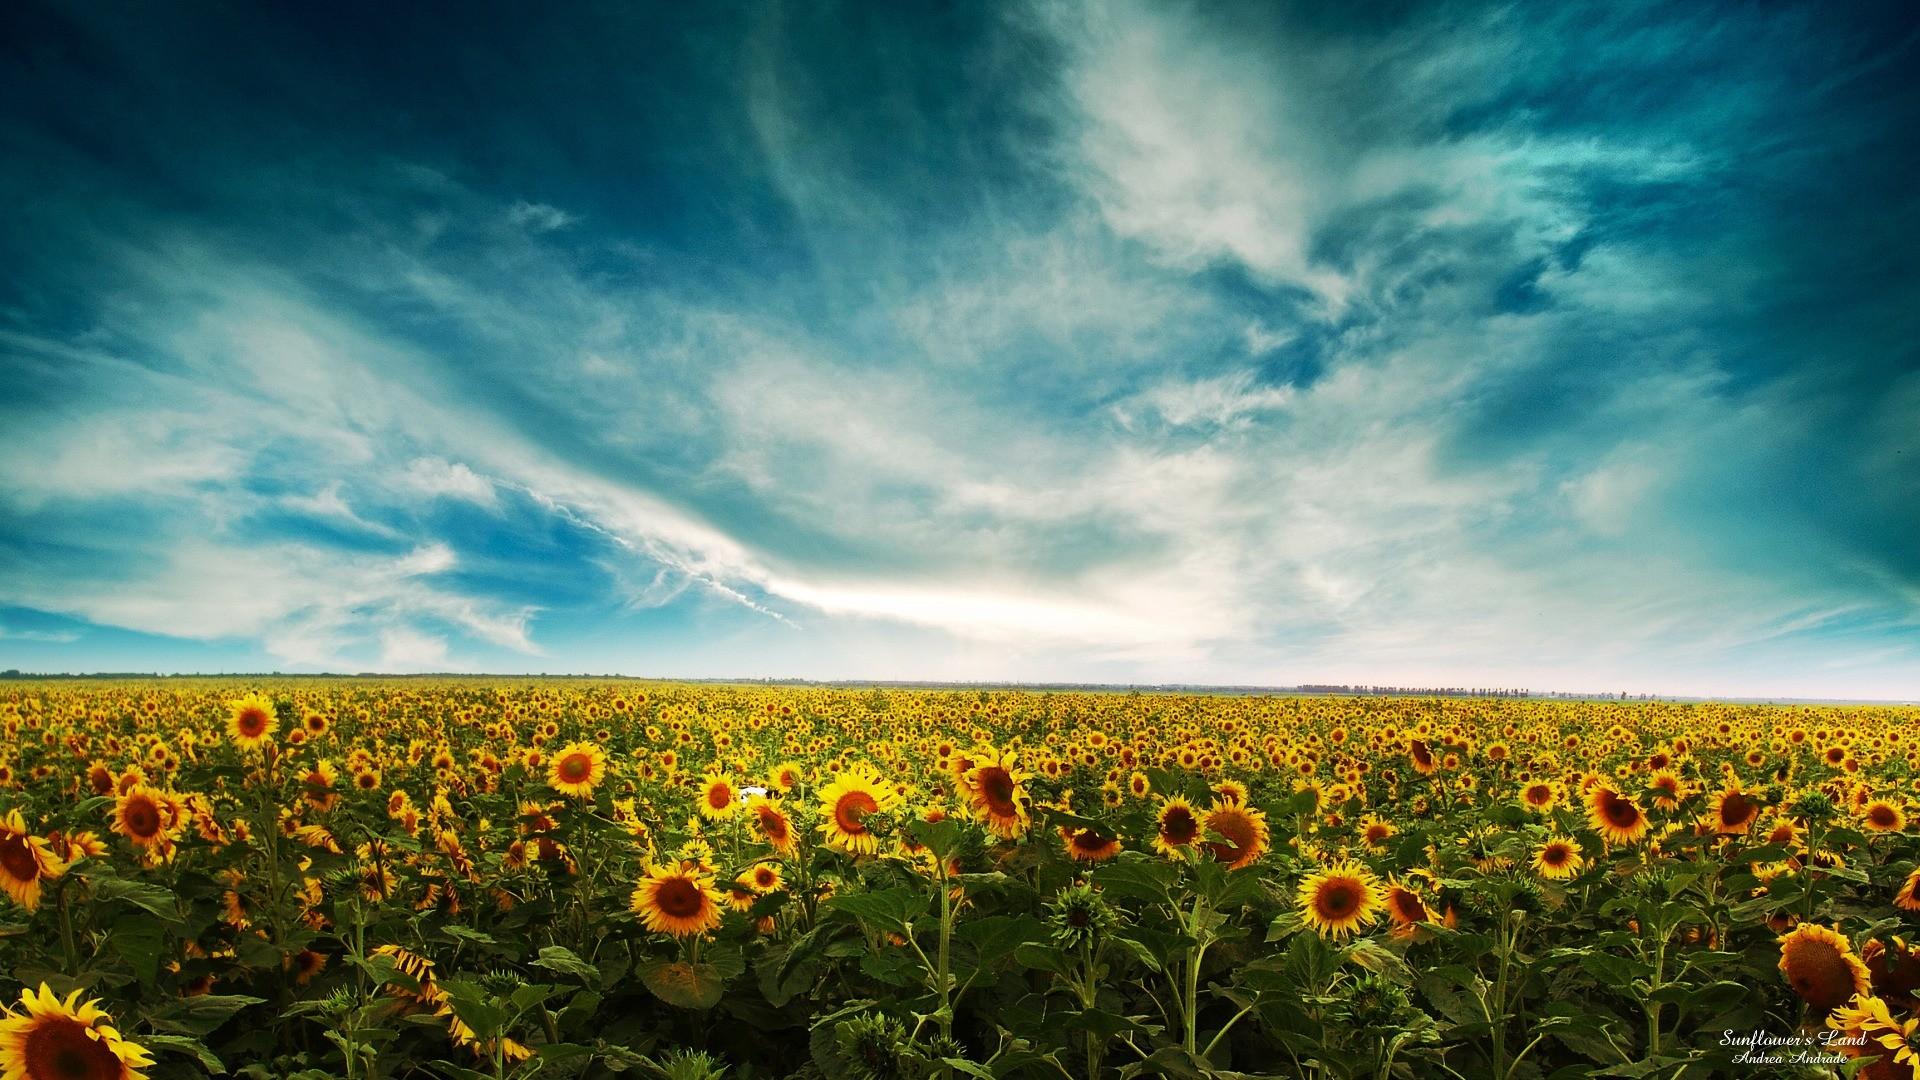 Wallpaper Sinar Matahari Matahari Terbenam Langit Bidang Awan Awan Pagi Horison Bunga Matahari Awan Padang Rumput Menanam Pertanian Polos Wallpaper Komputer Tanaman Tanah Tanaman Berbunga Ekosistem Keluarga Rumput Keluarga Daisy